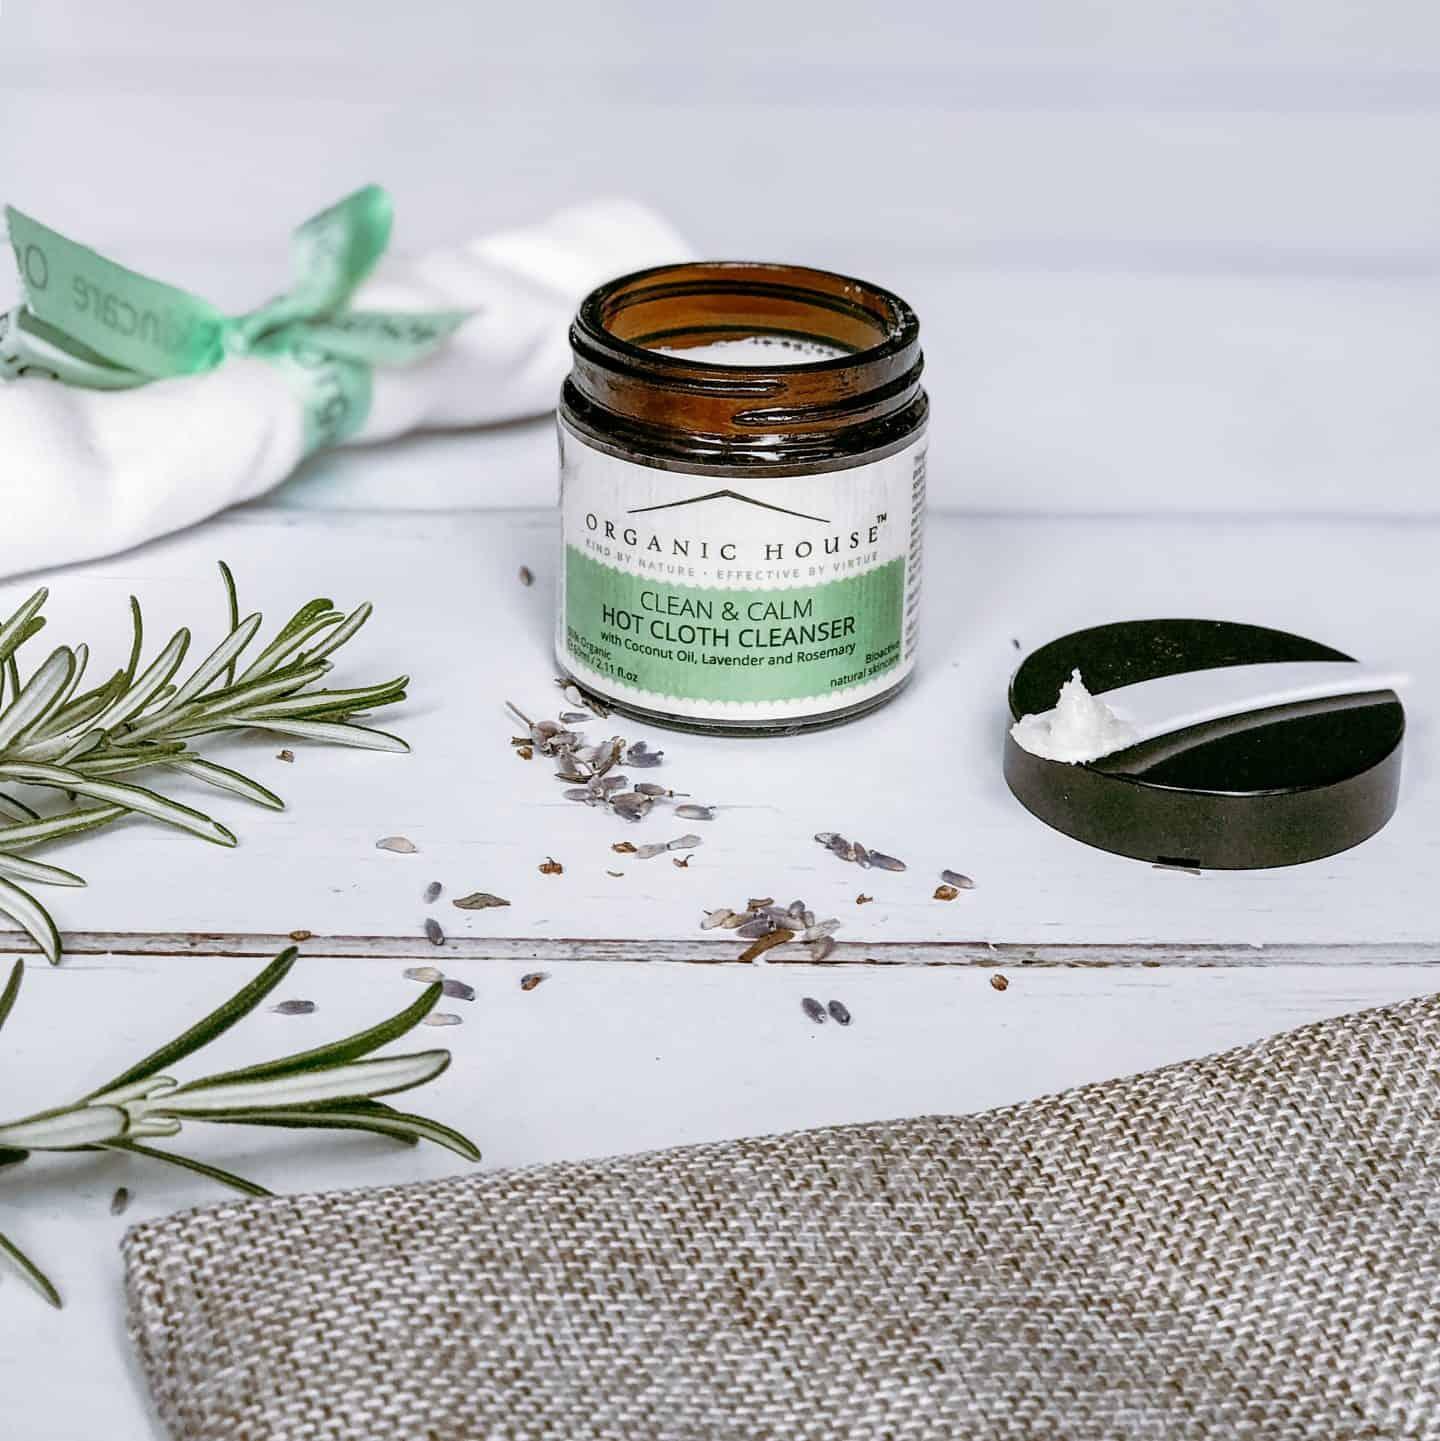 Organic House Clean & Calm all-natural cleansing balm